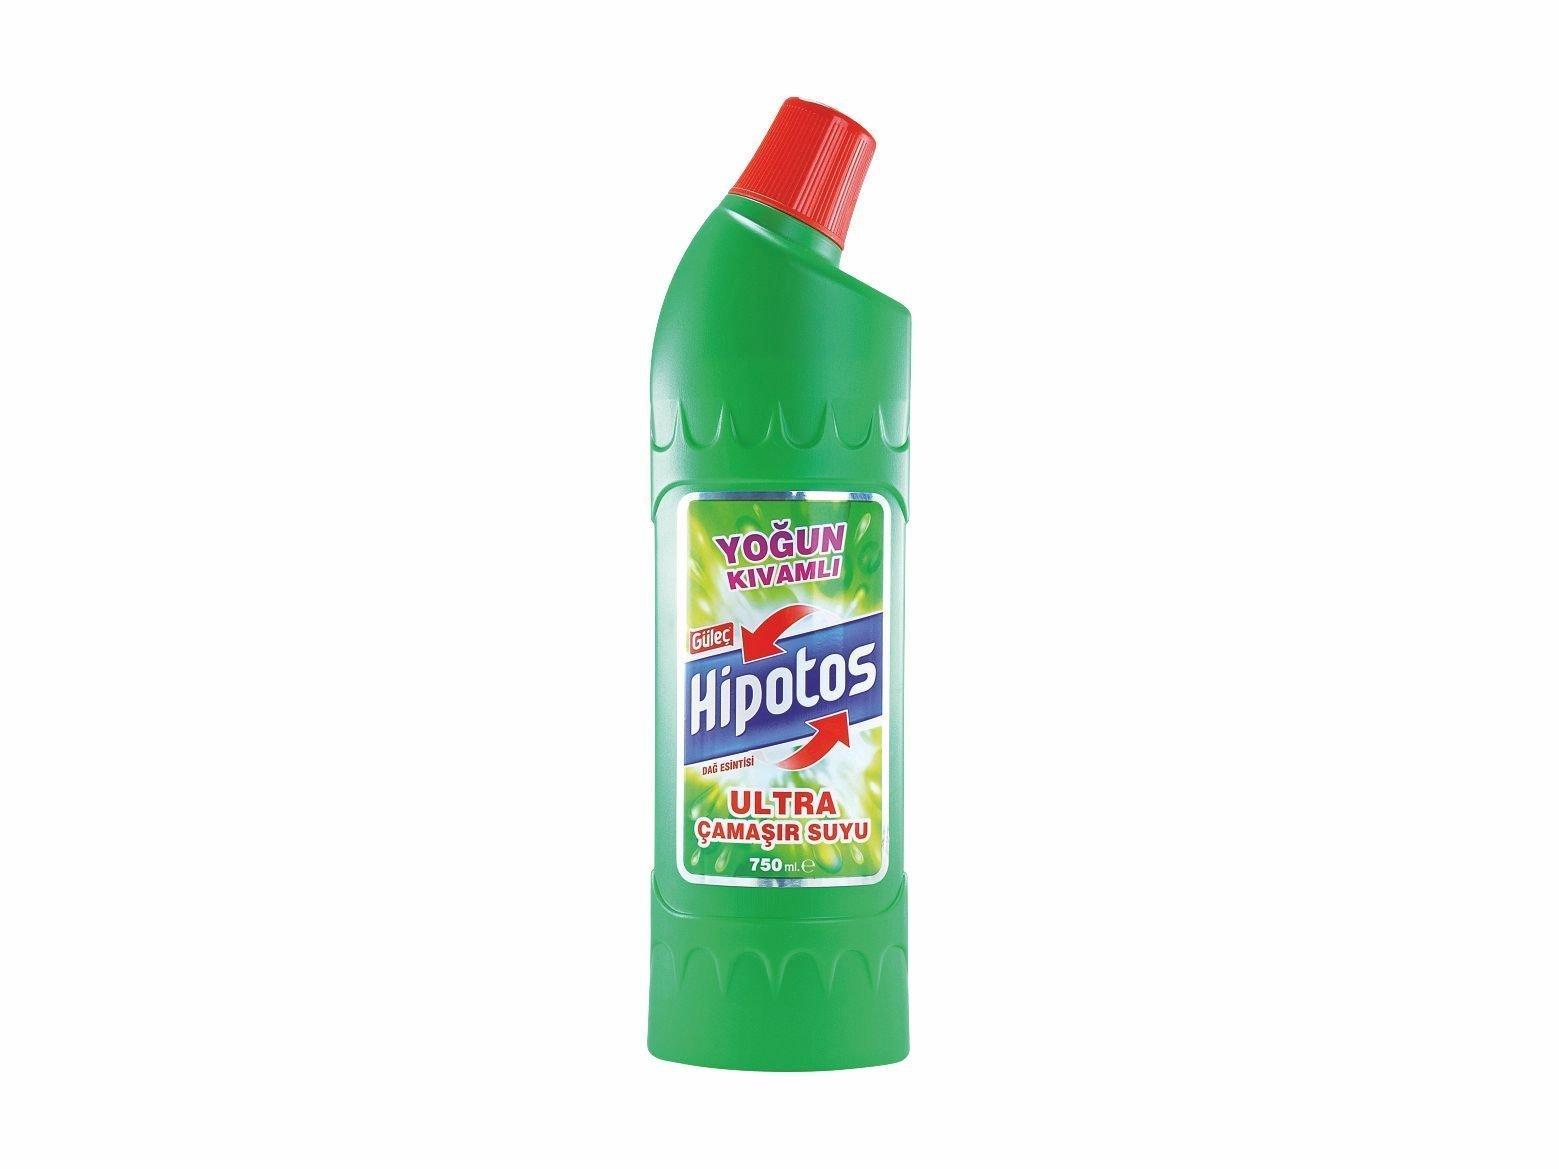 Güleç Hipotos Ultra Çamaşır Suyu 750 ml Yeşil